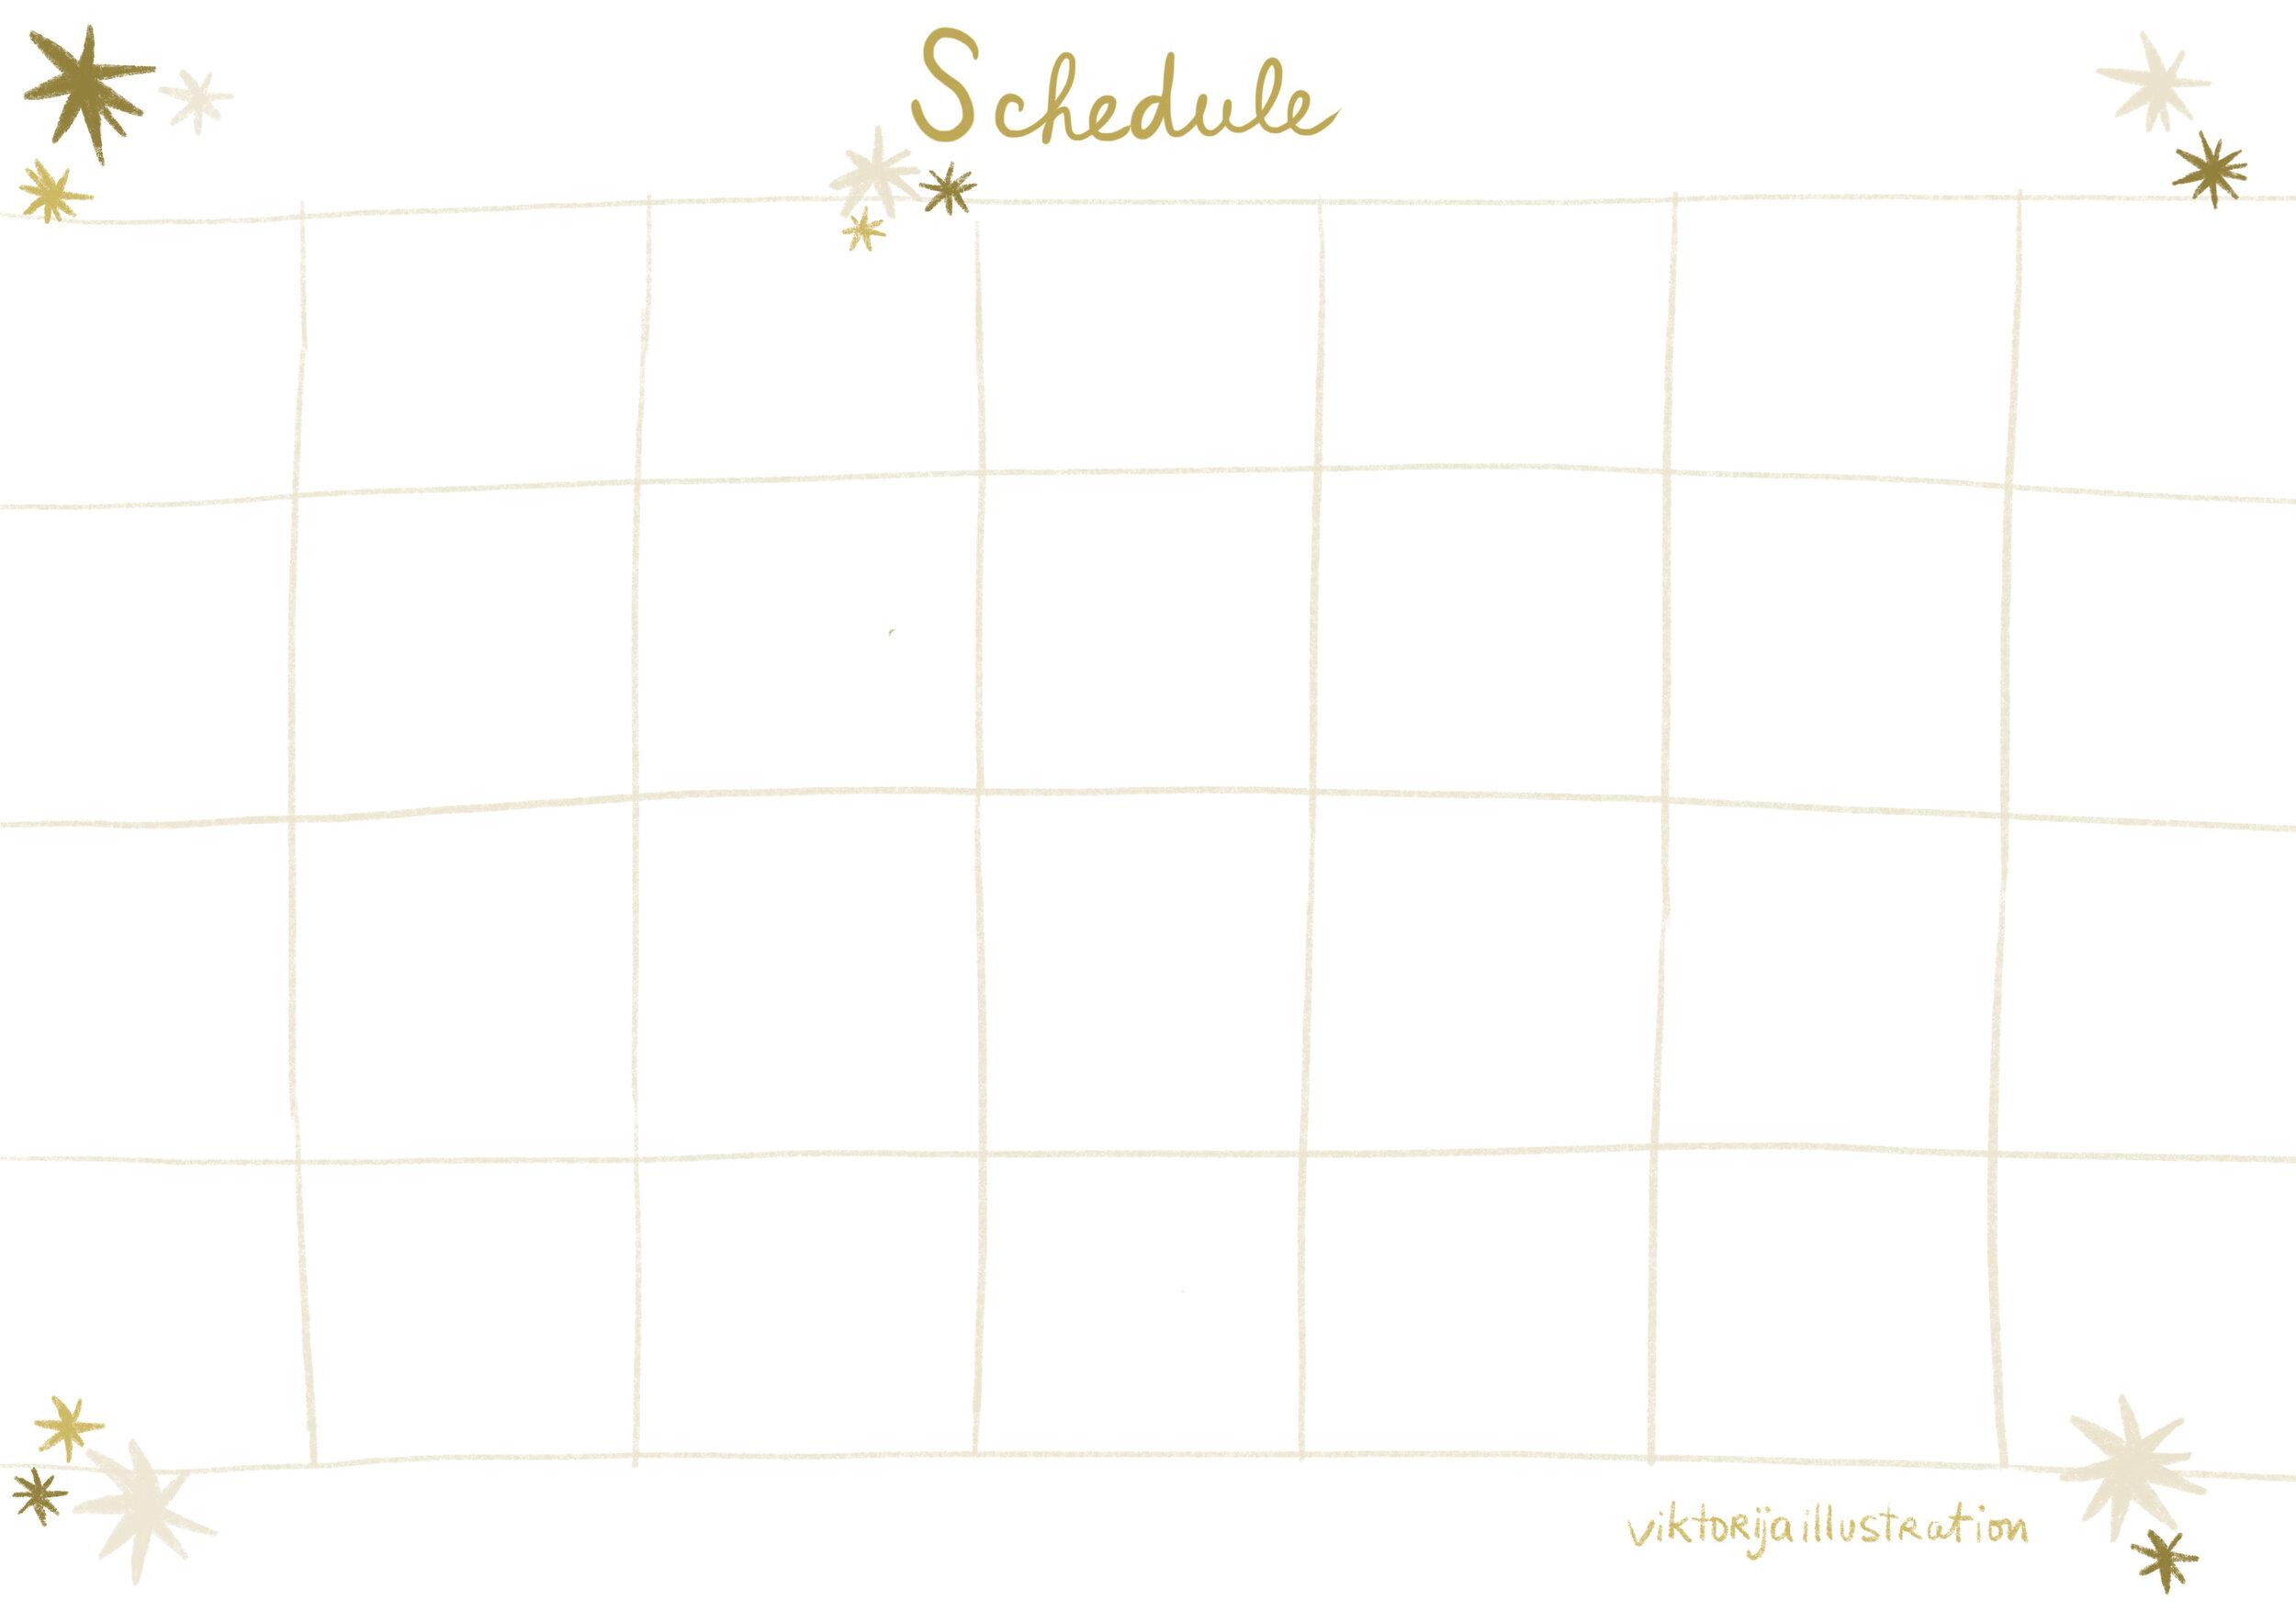 schedule printable A4 by viktorija.jpg